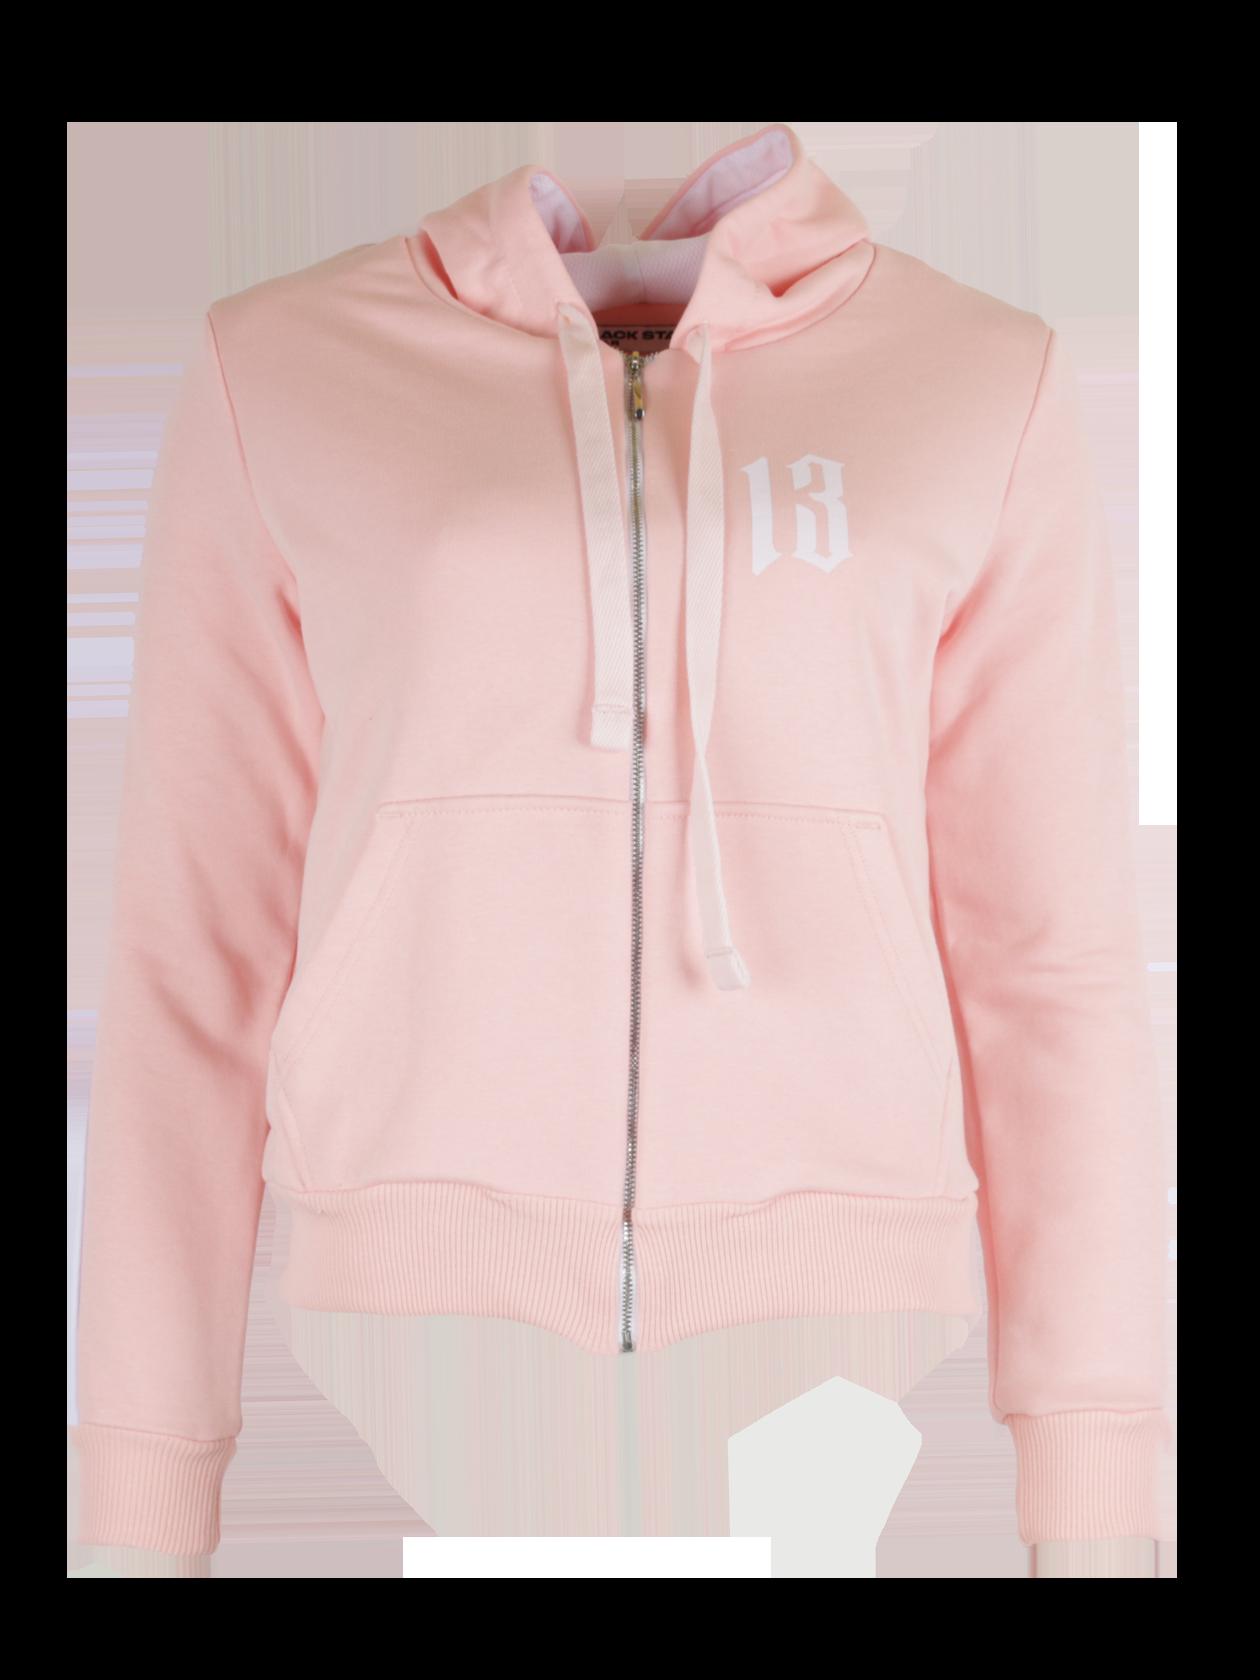 Костюм спортивный женский BS STRIPEКостюм спортивный женский BS Stripe – неотъемлемый атрибут гардероба активной девушки. Модель традиционного кроя представлена в бледно-розовой расцветке. Верх выполнен в виде толстовки с длинным рукавом, капюшоном, металлической застежкой на молнии. Манжеты и низ оформлены широкой резинкой в тон к изделию. С фронтальной стороны оформлены накладные карманы. Брюки прямого силуэта с эластичным голенищем и поясом. Комплект изготовлен из высококачественного футера, обладающего высокой практичностью.<br><br>Размер: M<br>Цвет: Розовый<br>Пол: Женский